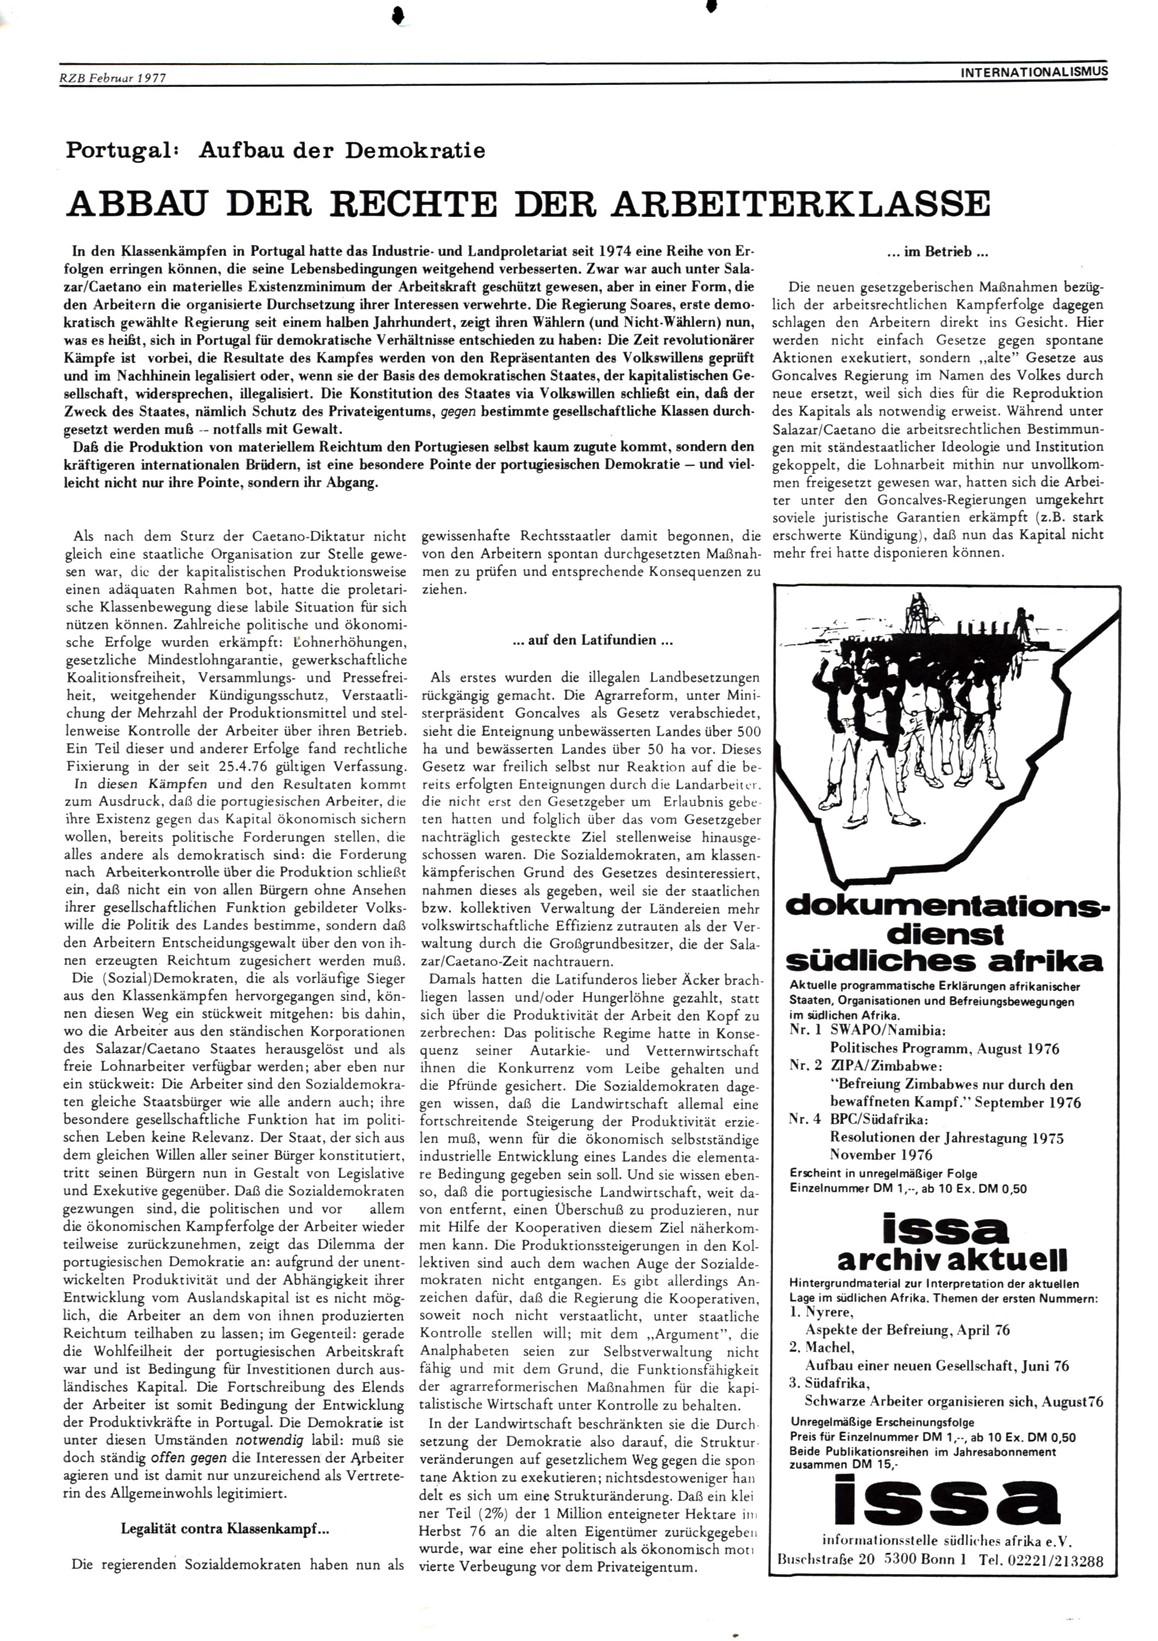 Bonn_RZ_07_08_19770200_29